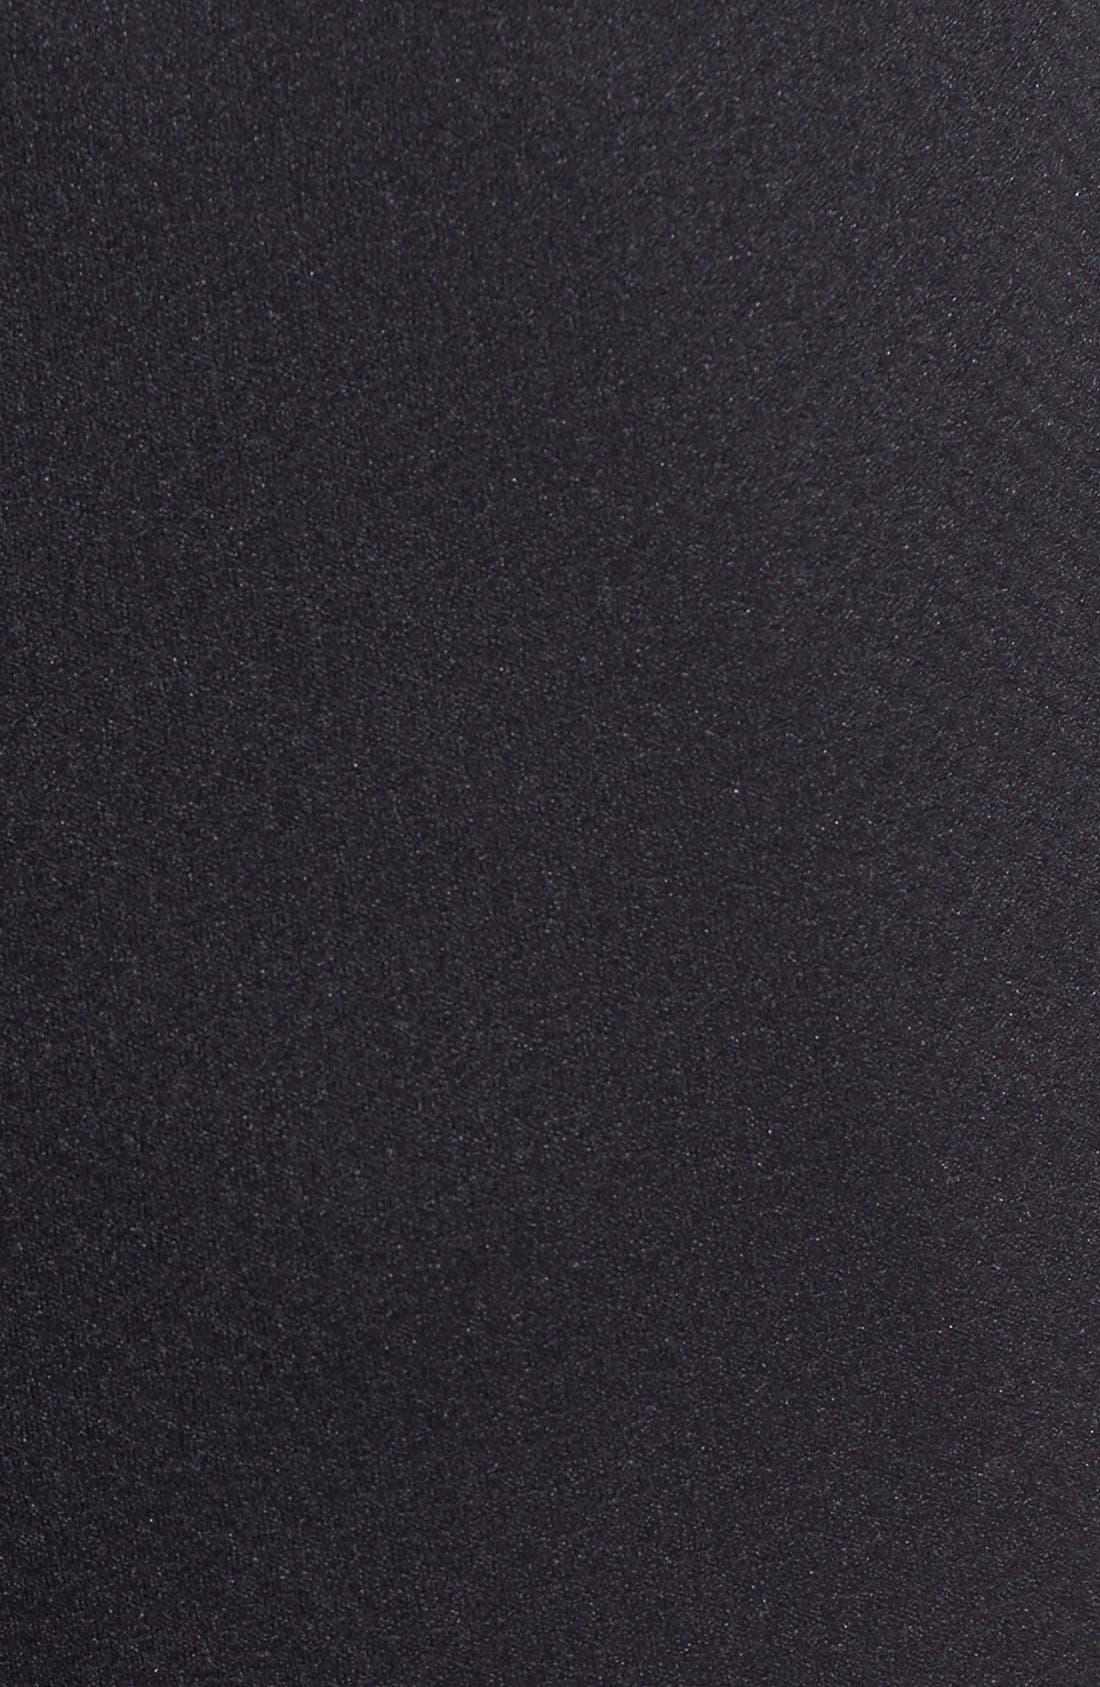 SB 'Stripe Sunday' Dri-FIT Shorts,                             Alternate thumbnail 5, color,                             Black/White